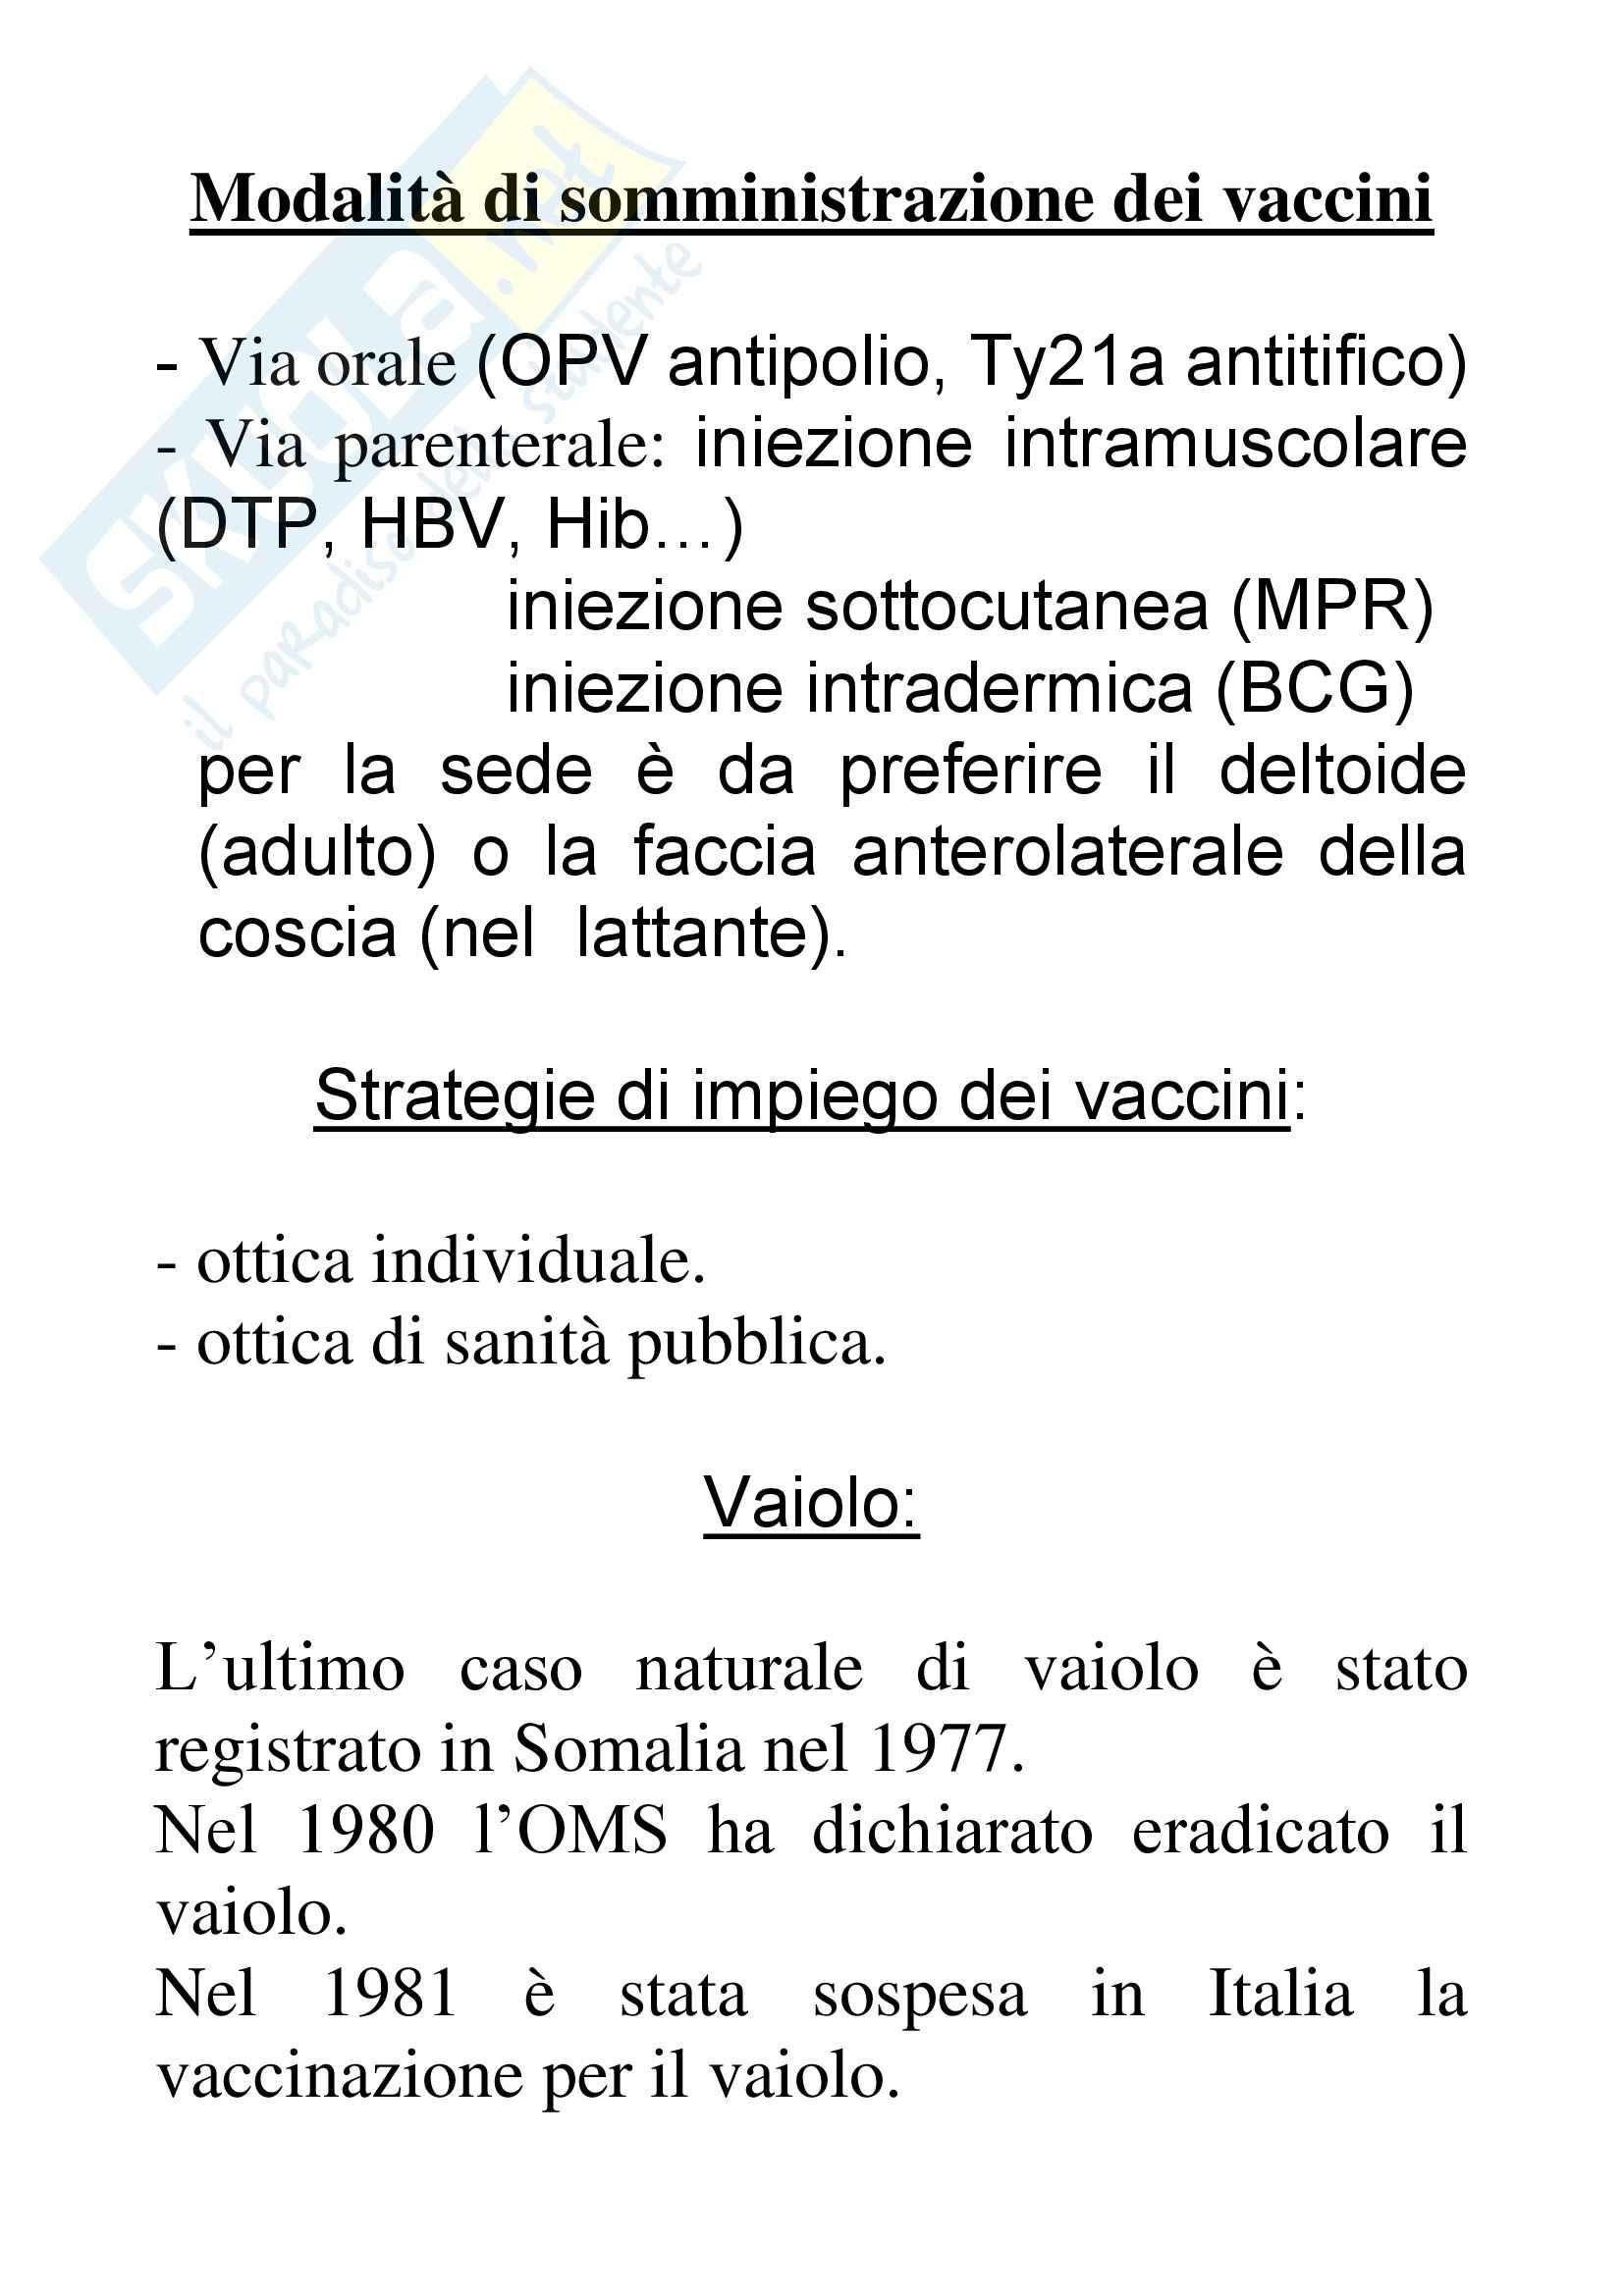 Pediatria  - modalità di somministrazione dei vaccini